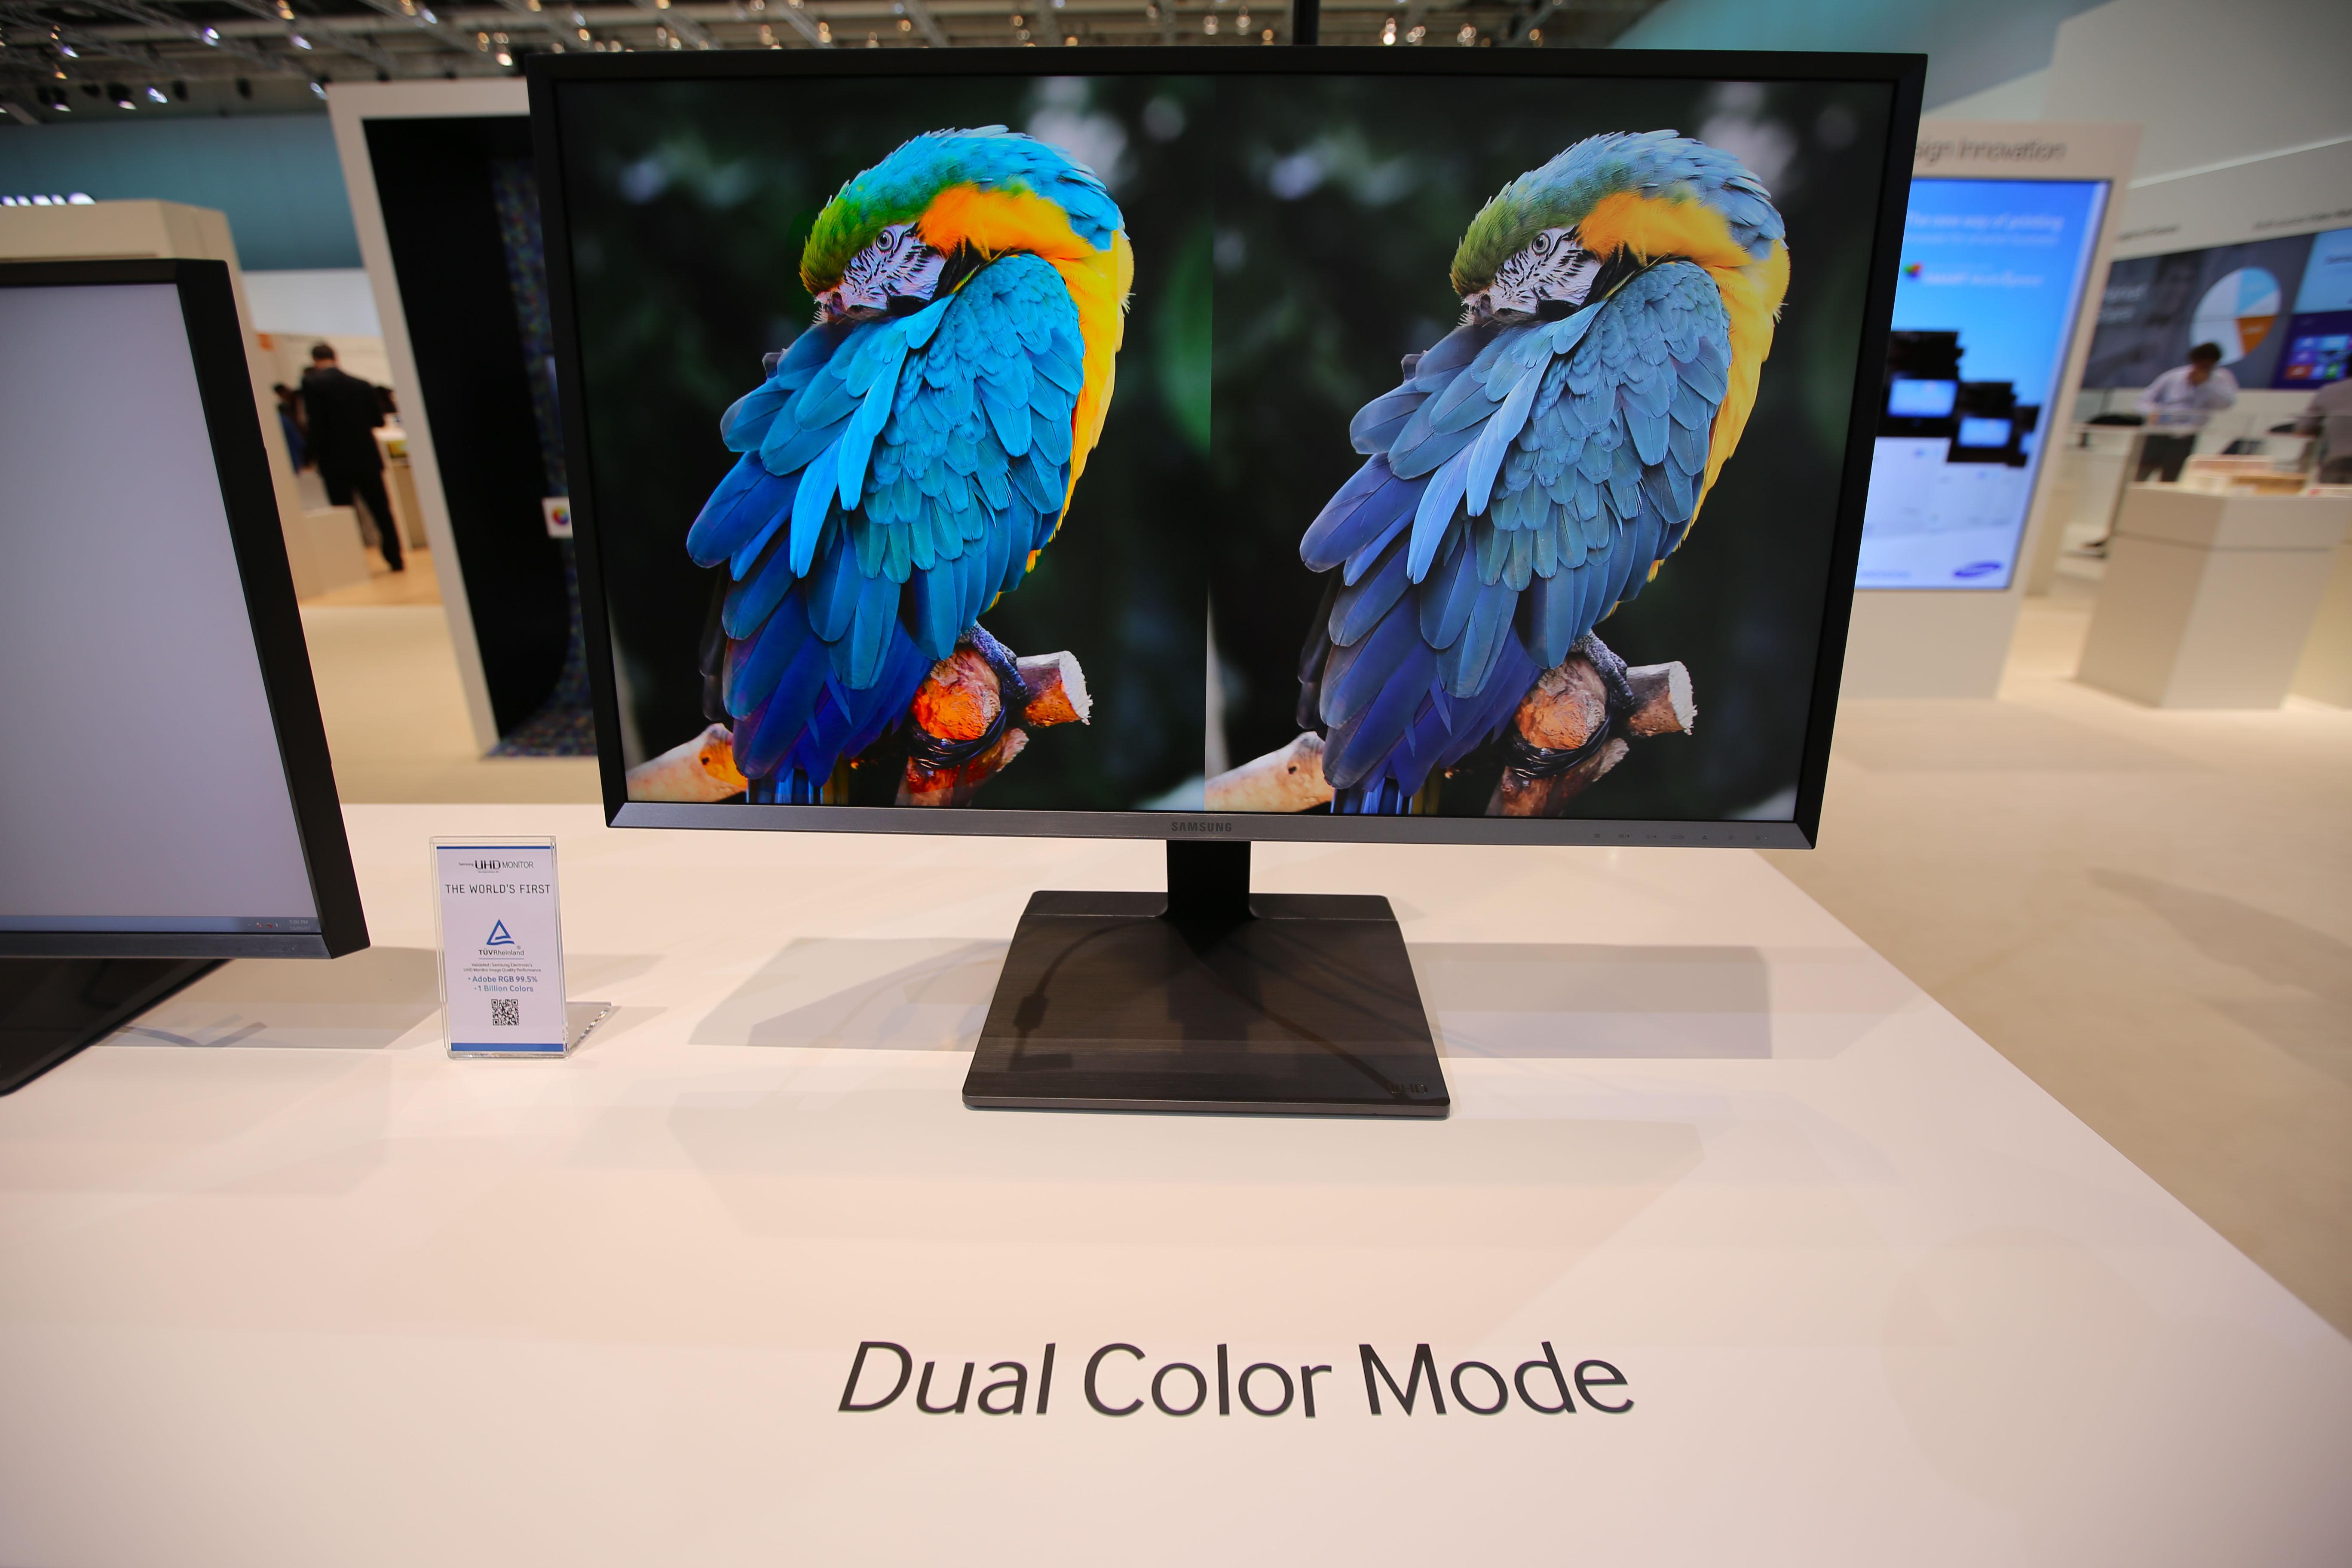 삼성 UHD 모니터의 듀얼 컬러 모드(dual color mode)로 비교하며 전문 작업이 가능합니다.